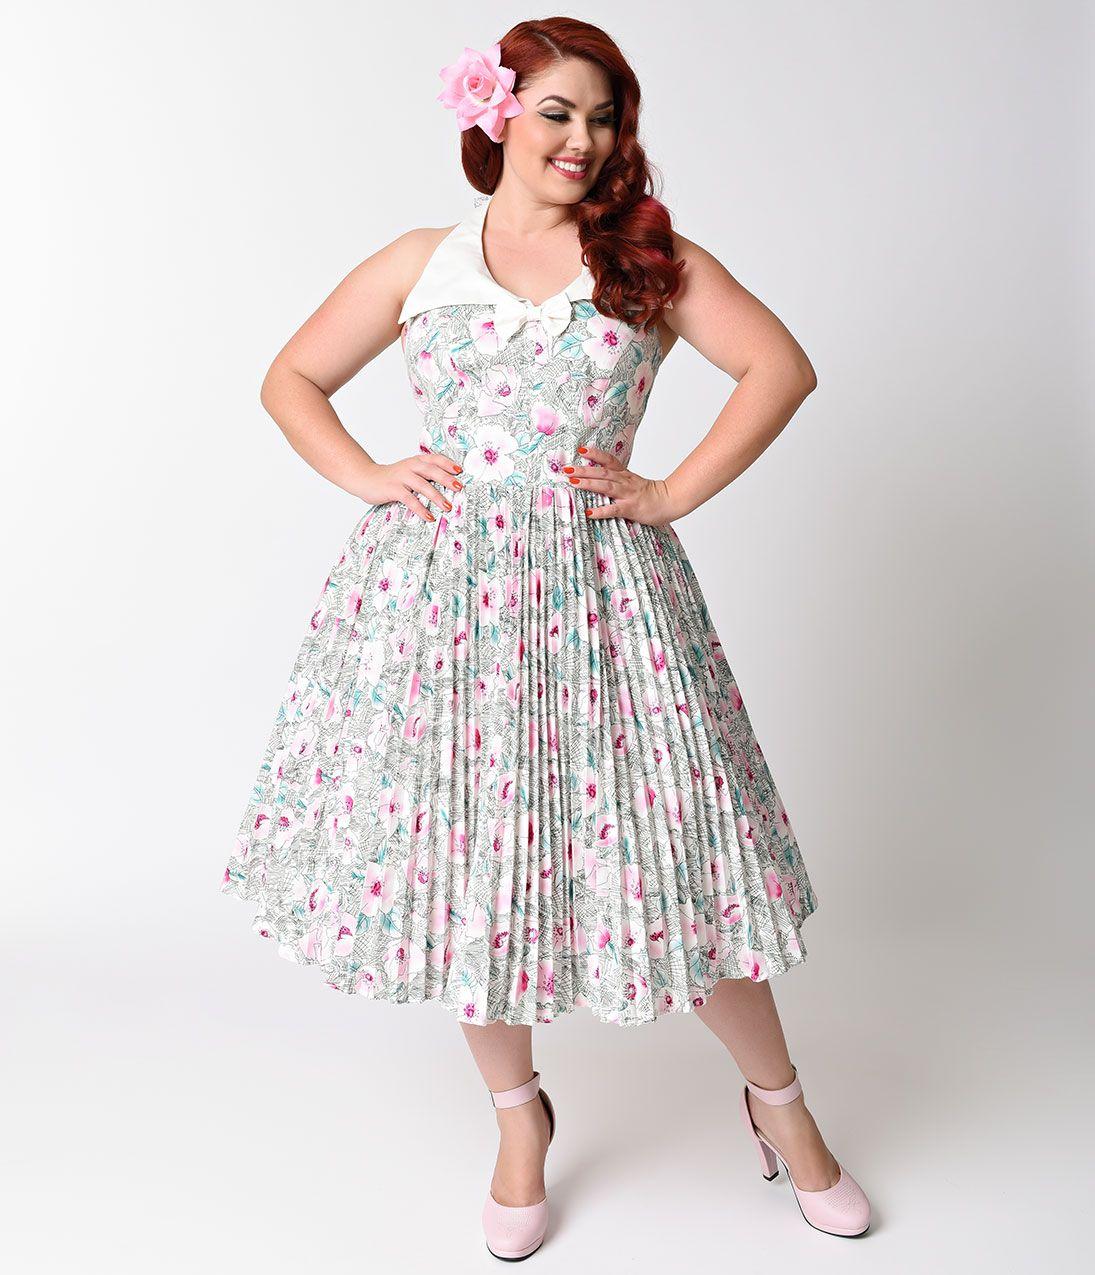 Plus Size Retro Dresses 50s 60s 70s 80s 90s Plus Size Vintage Dresses Retro Dress Plus Size Retro Dresses